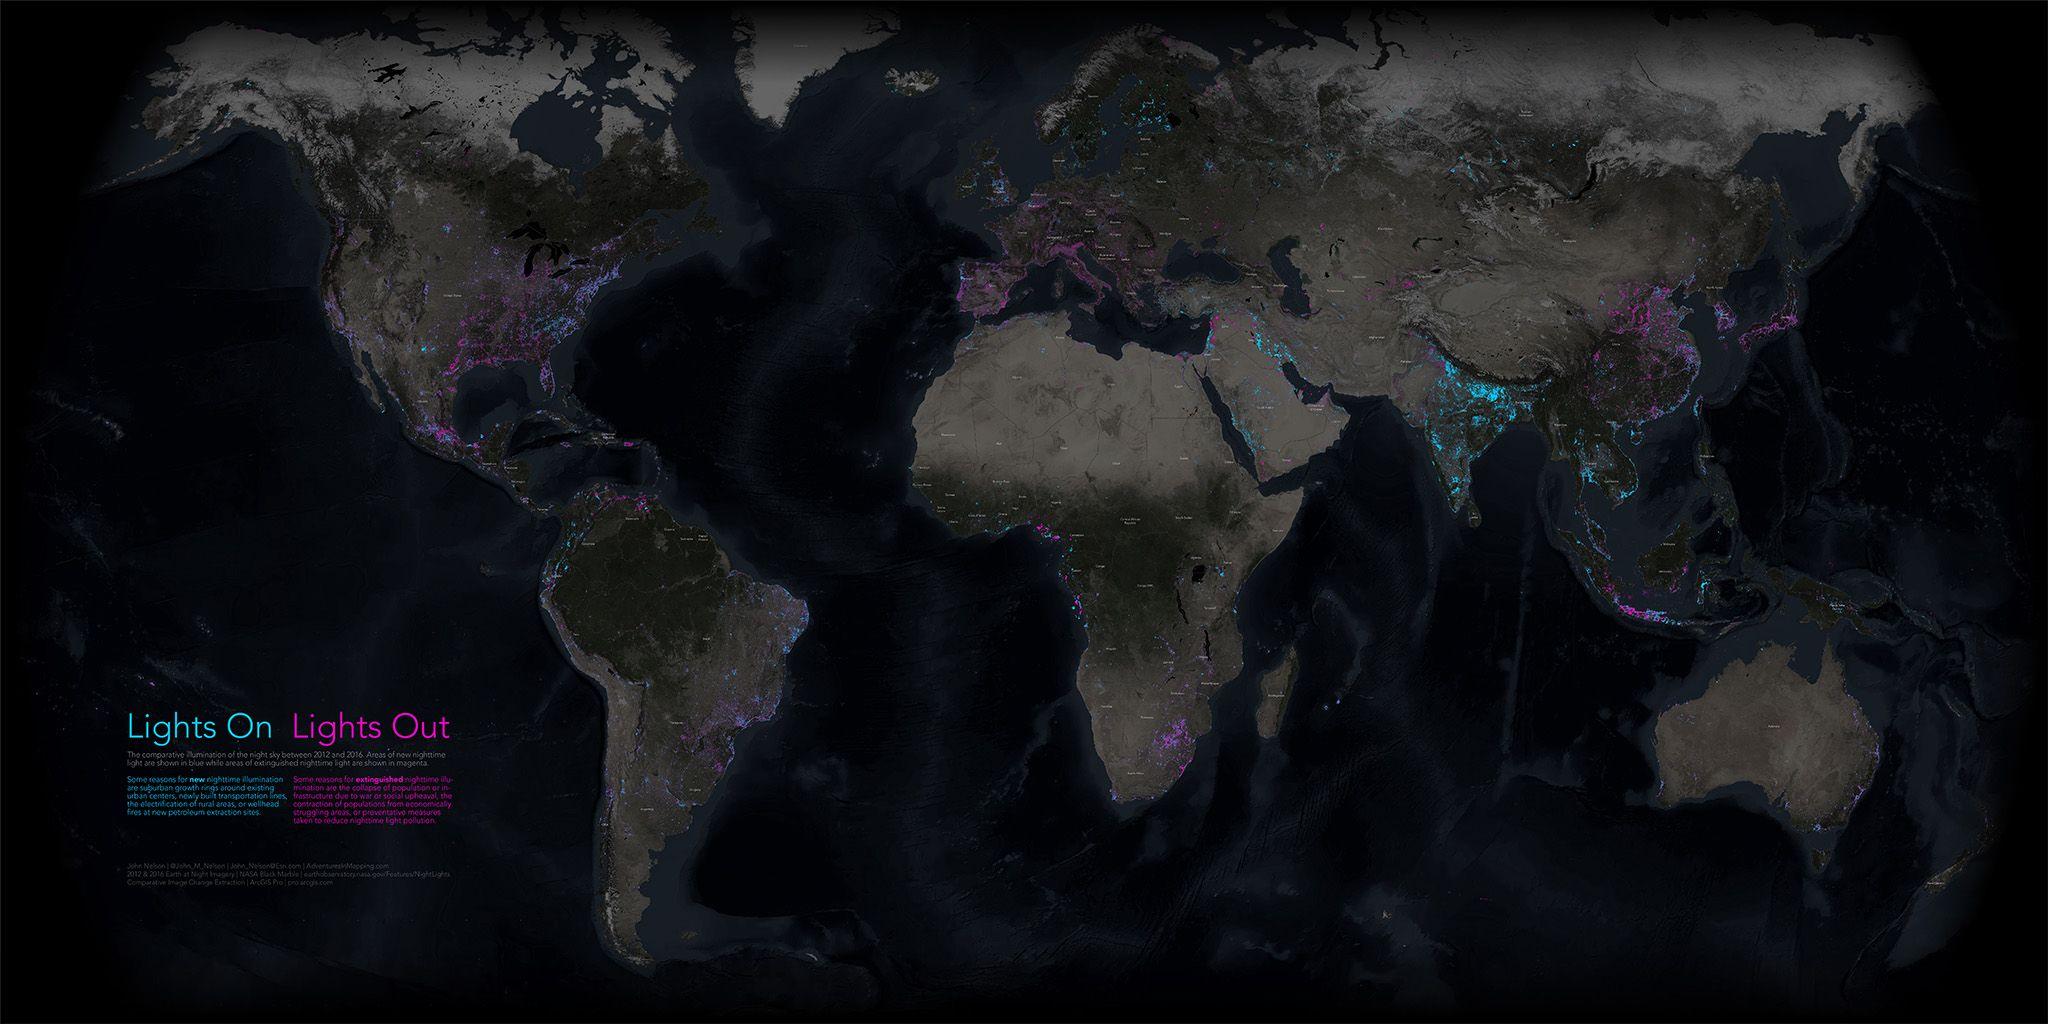 Lichtverschmutzung Karte Europa.Neue Karte Zeigt Veränderungen In Den Nächtlichen Lichtern Der Erde